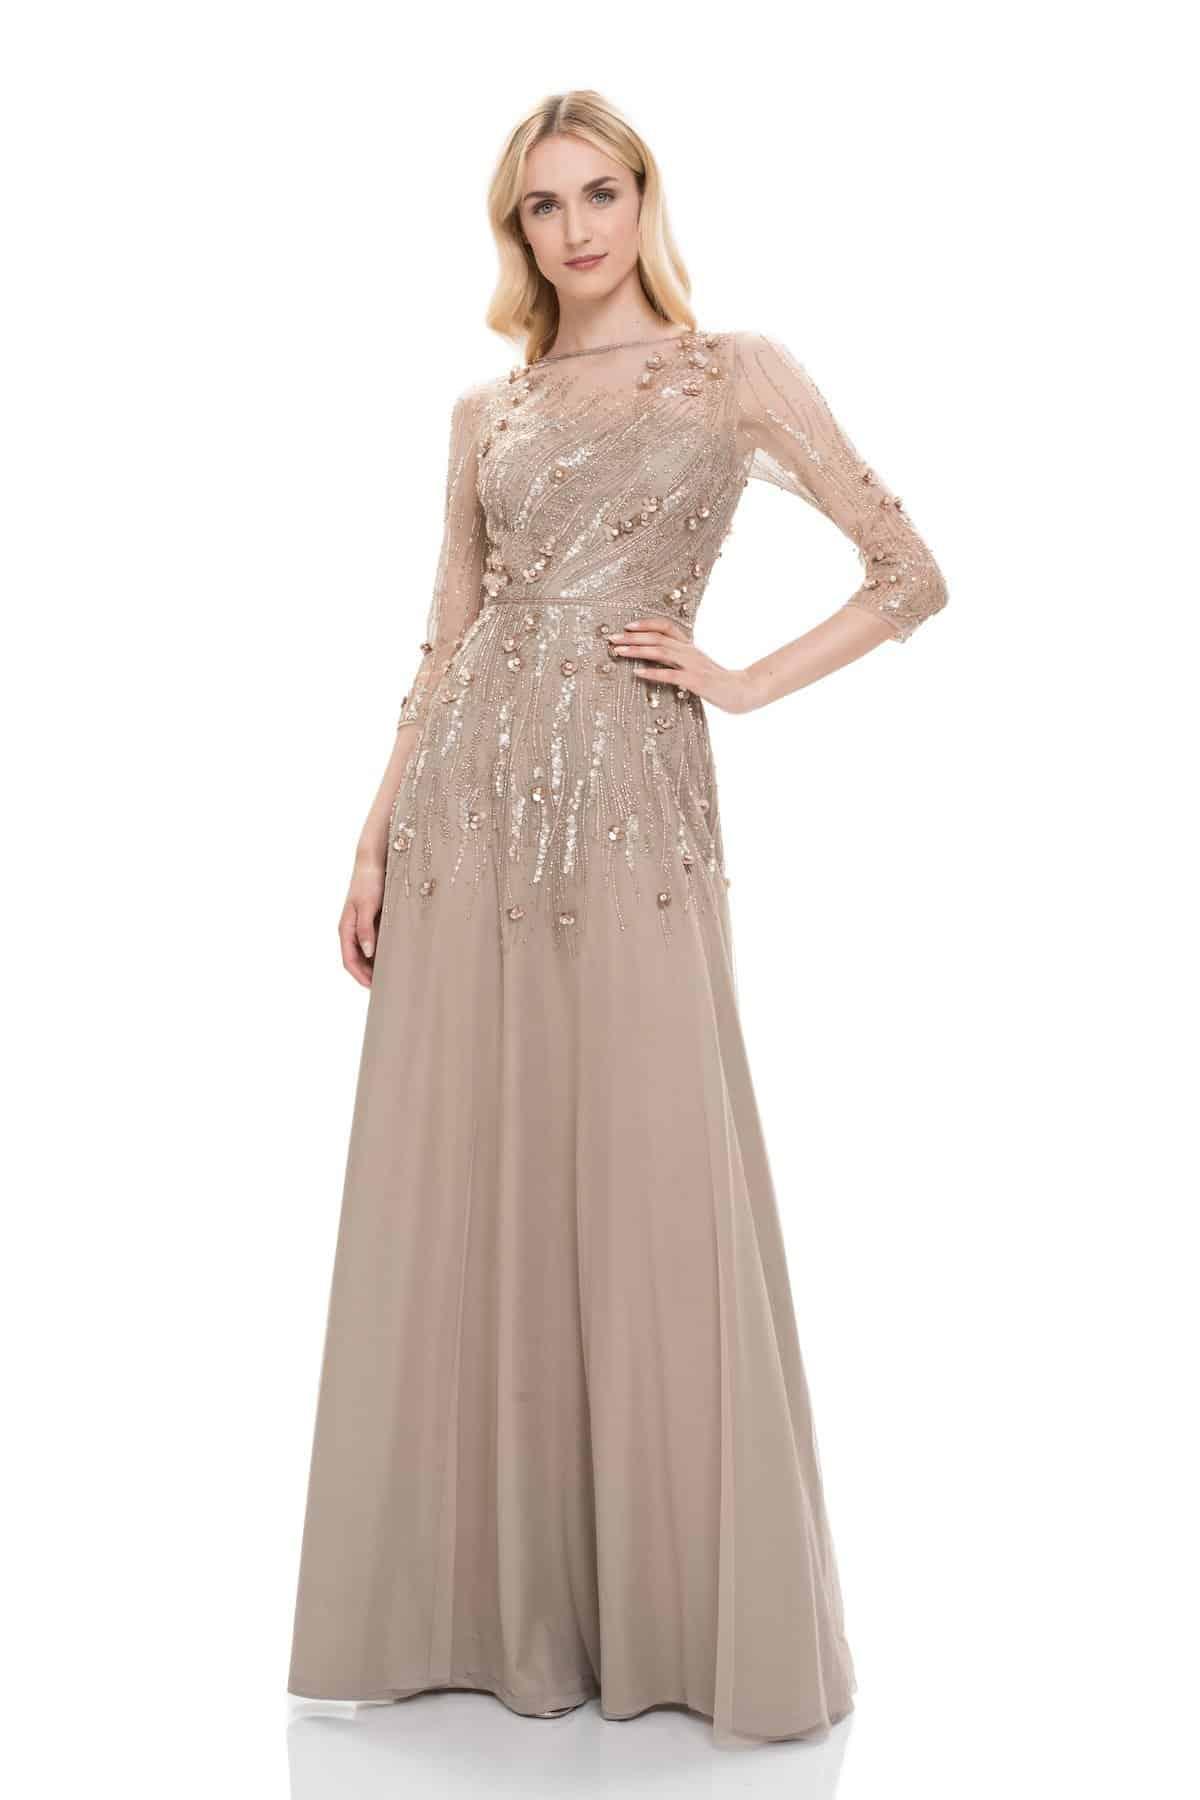 فستان سهرة من عالم السحر والأناقة